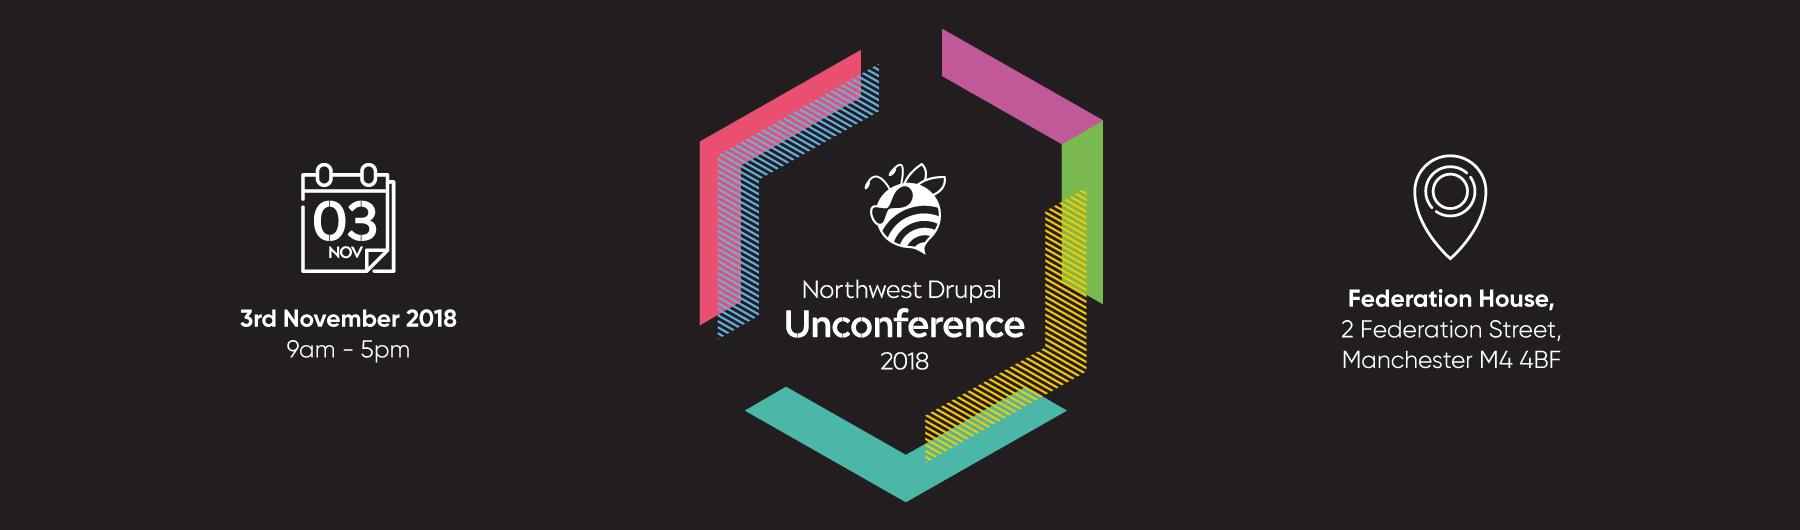 NWDUG 2018 Unconference